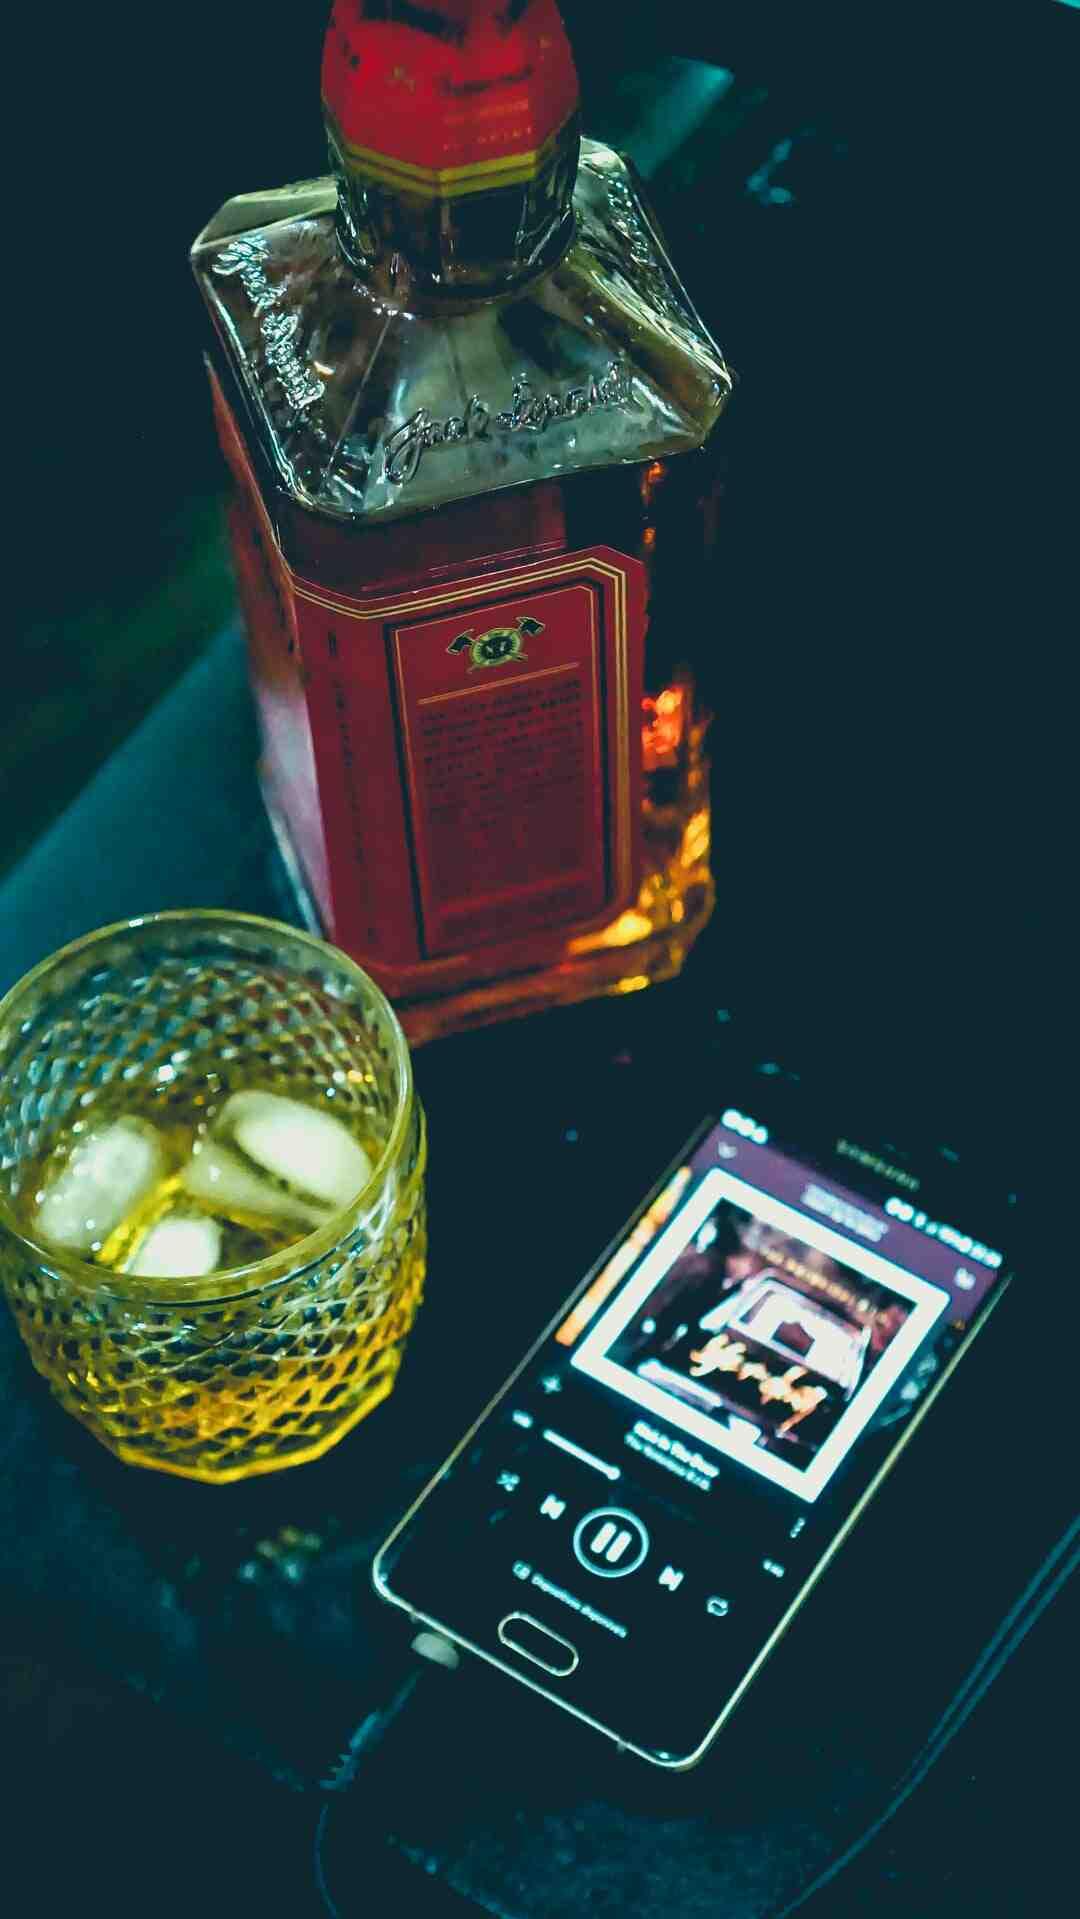 Comment préparer et boire de l'absinthe